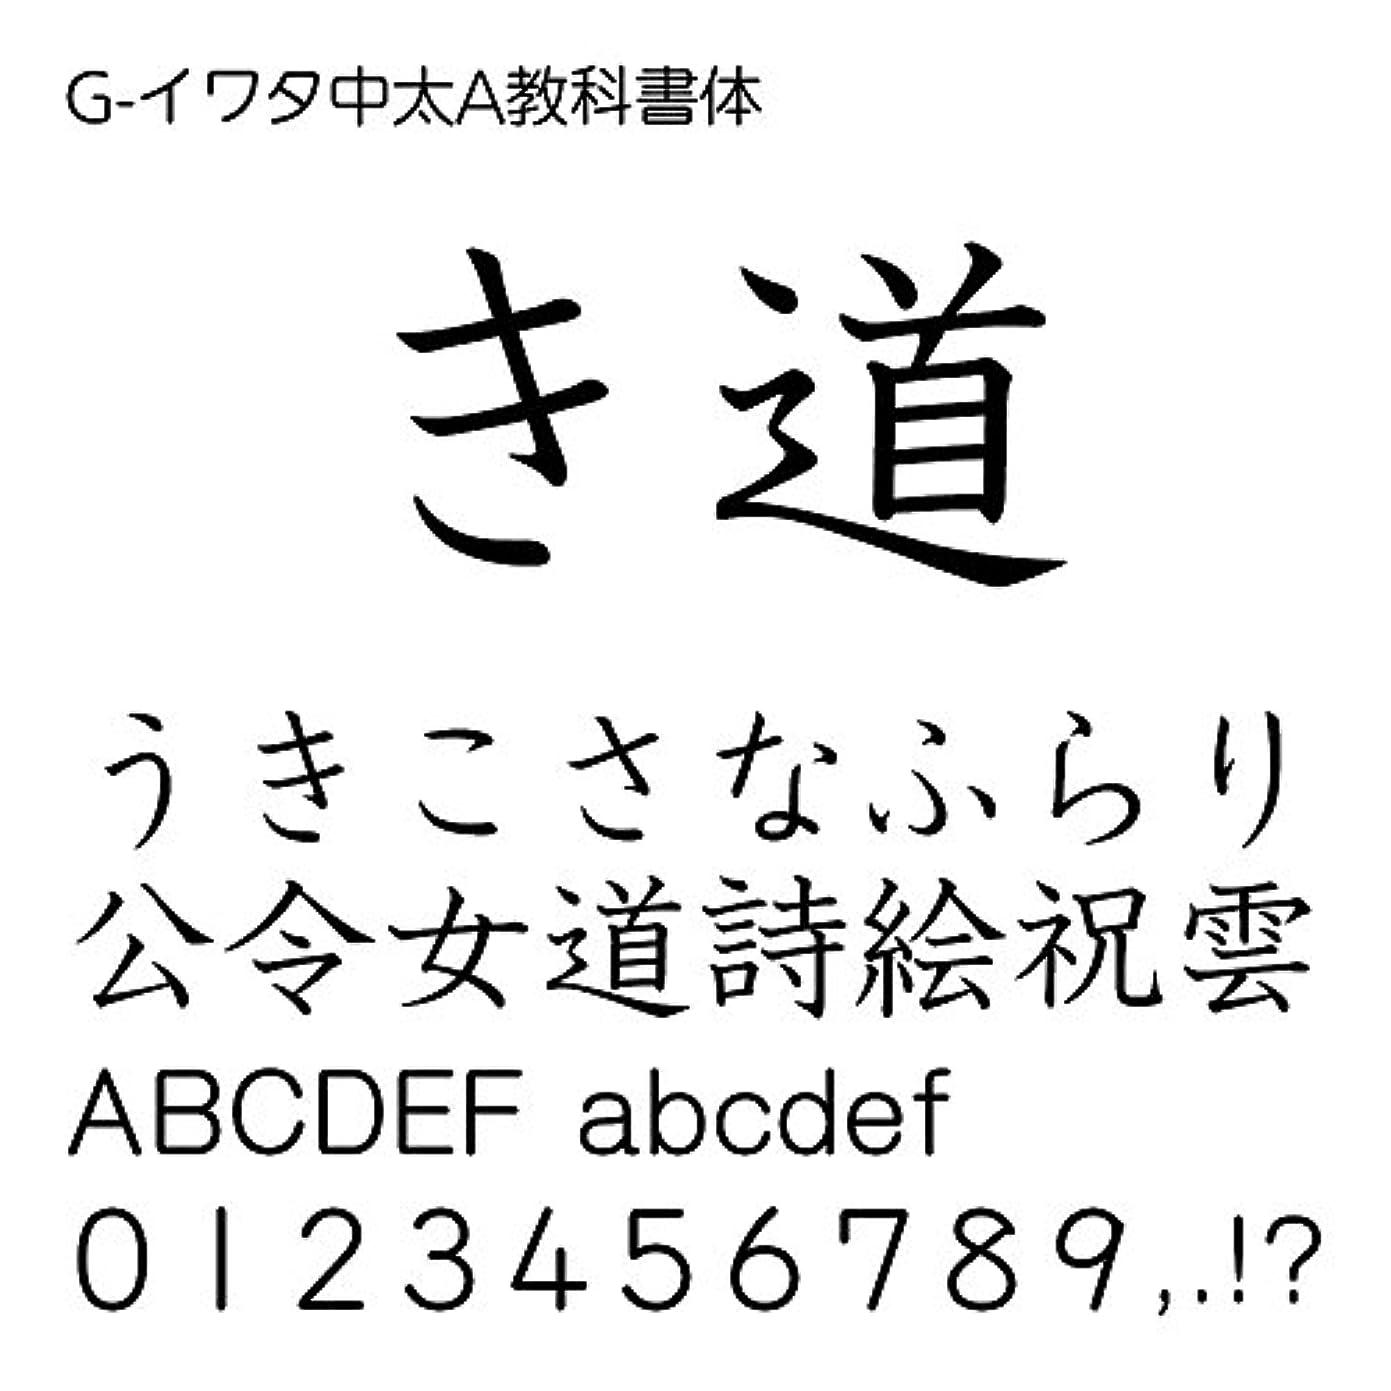 小間あいまいな階下G-イワタ中太A教科書体Pro OpenType Font for Windows [ダウンロード]